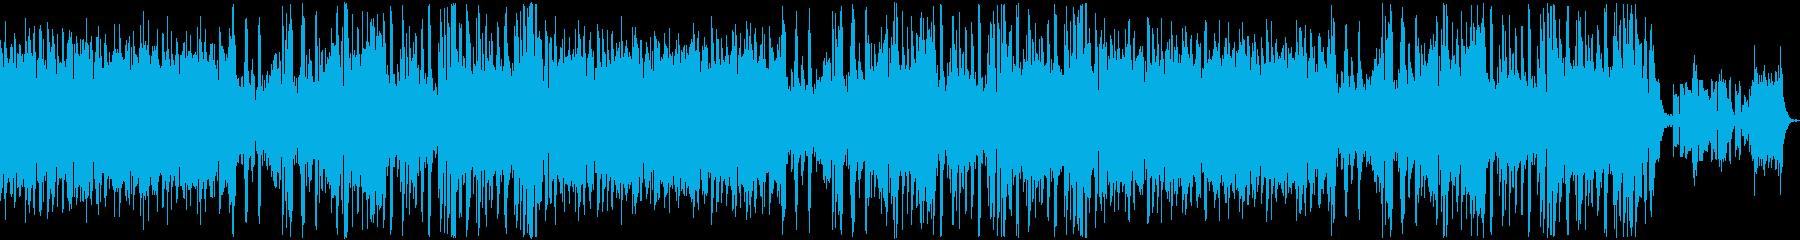 軽やかなジャズ風の曲ですの再生済みの波形